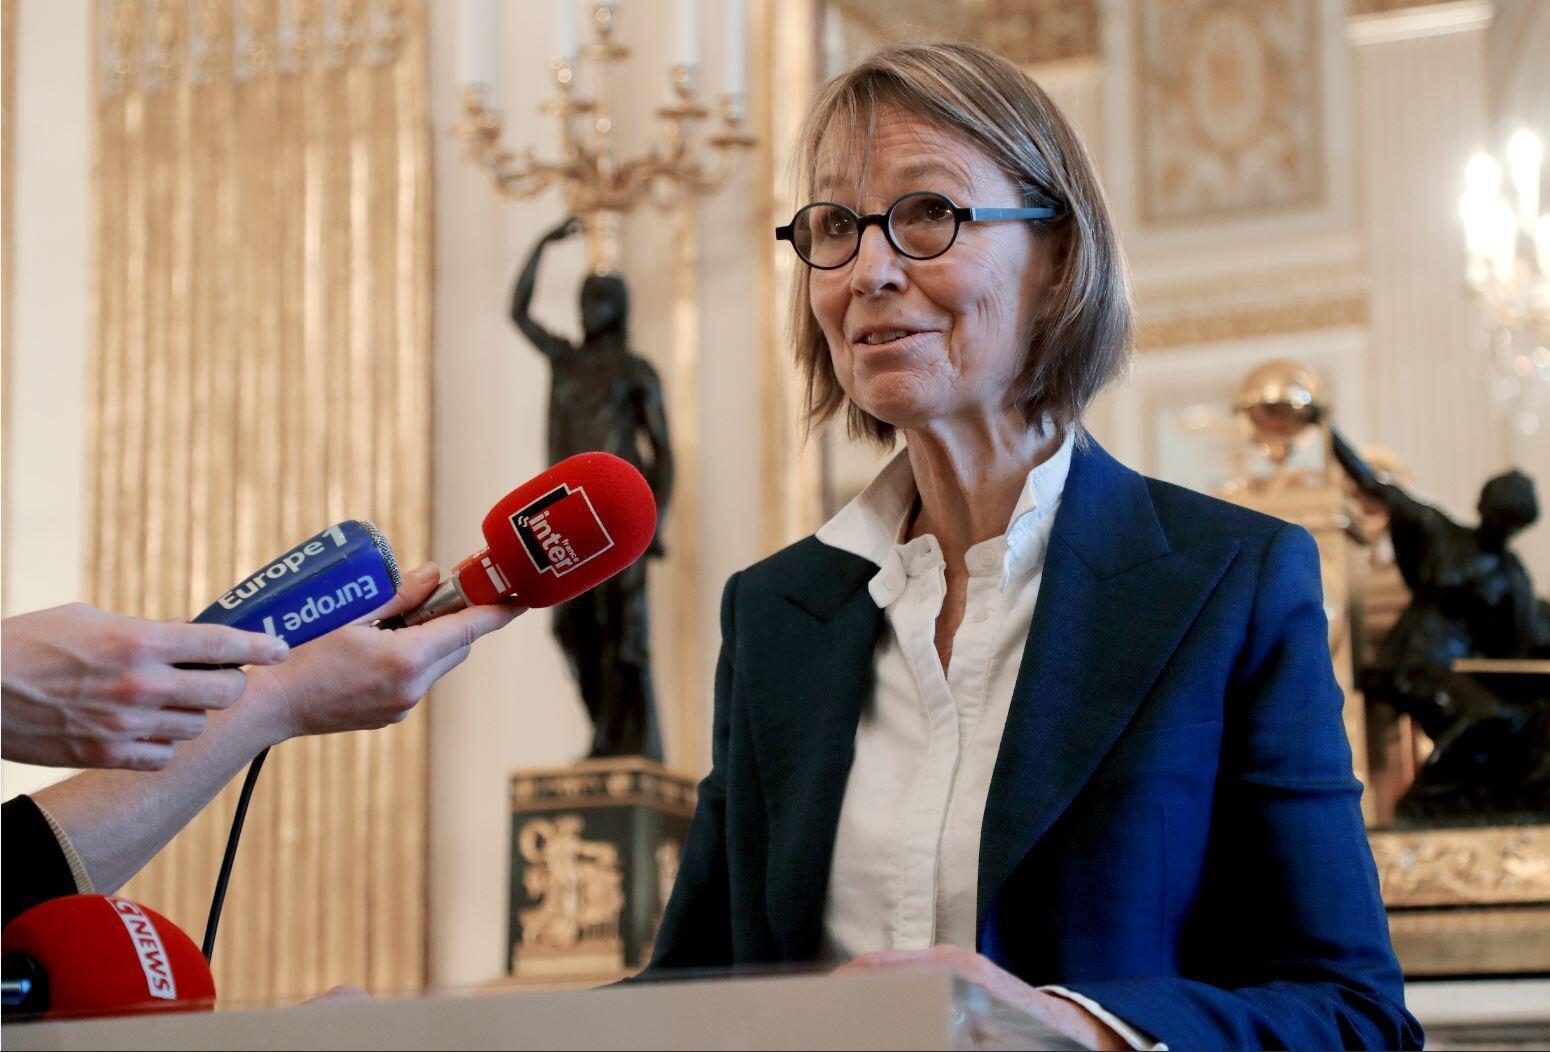 Министр культуры Франции Франсуаза Ниссен оказалась в центре скандала